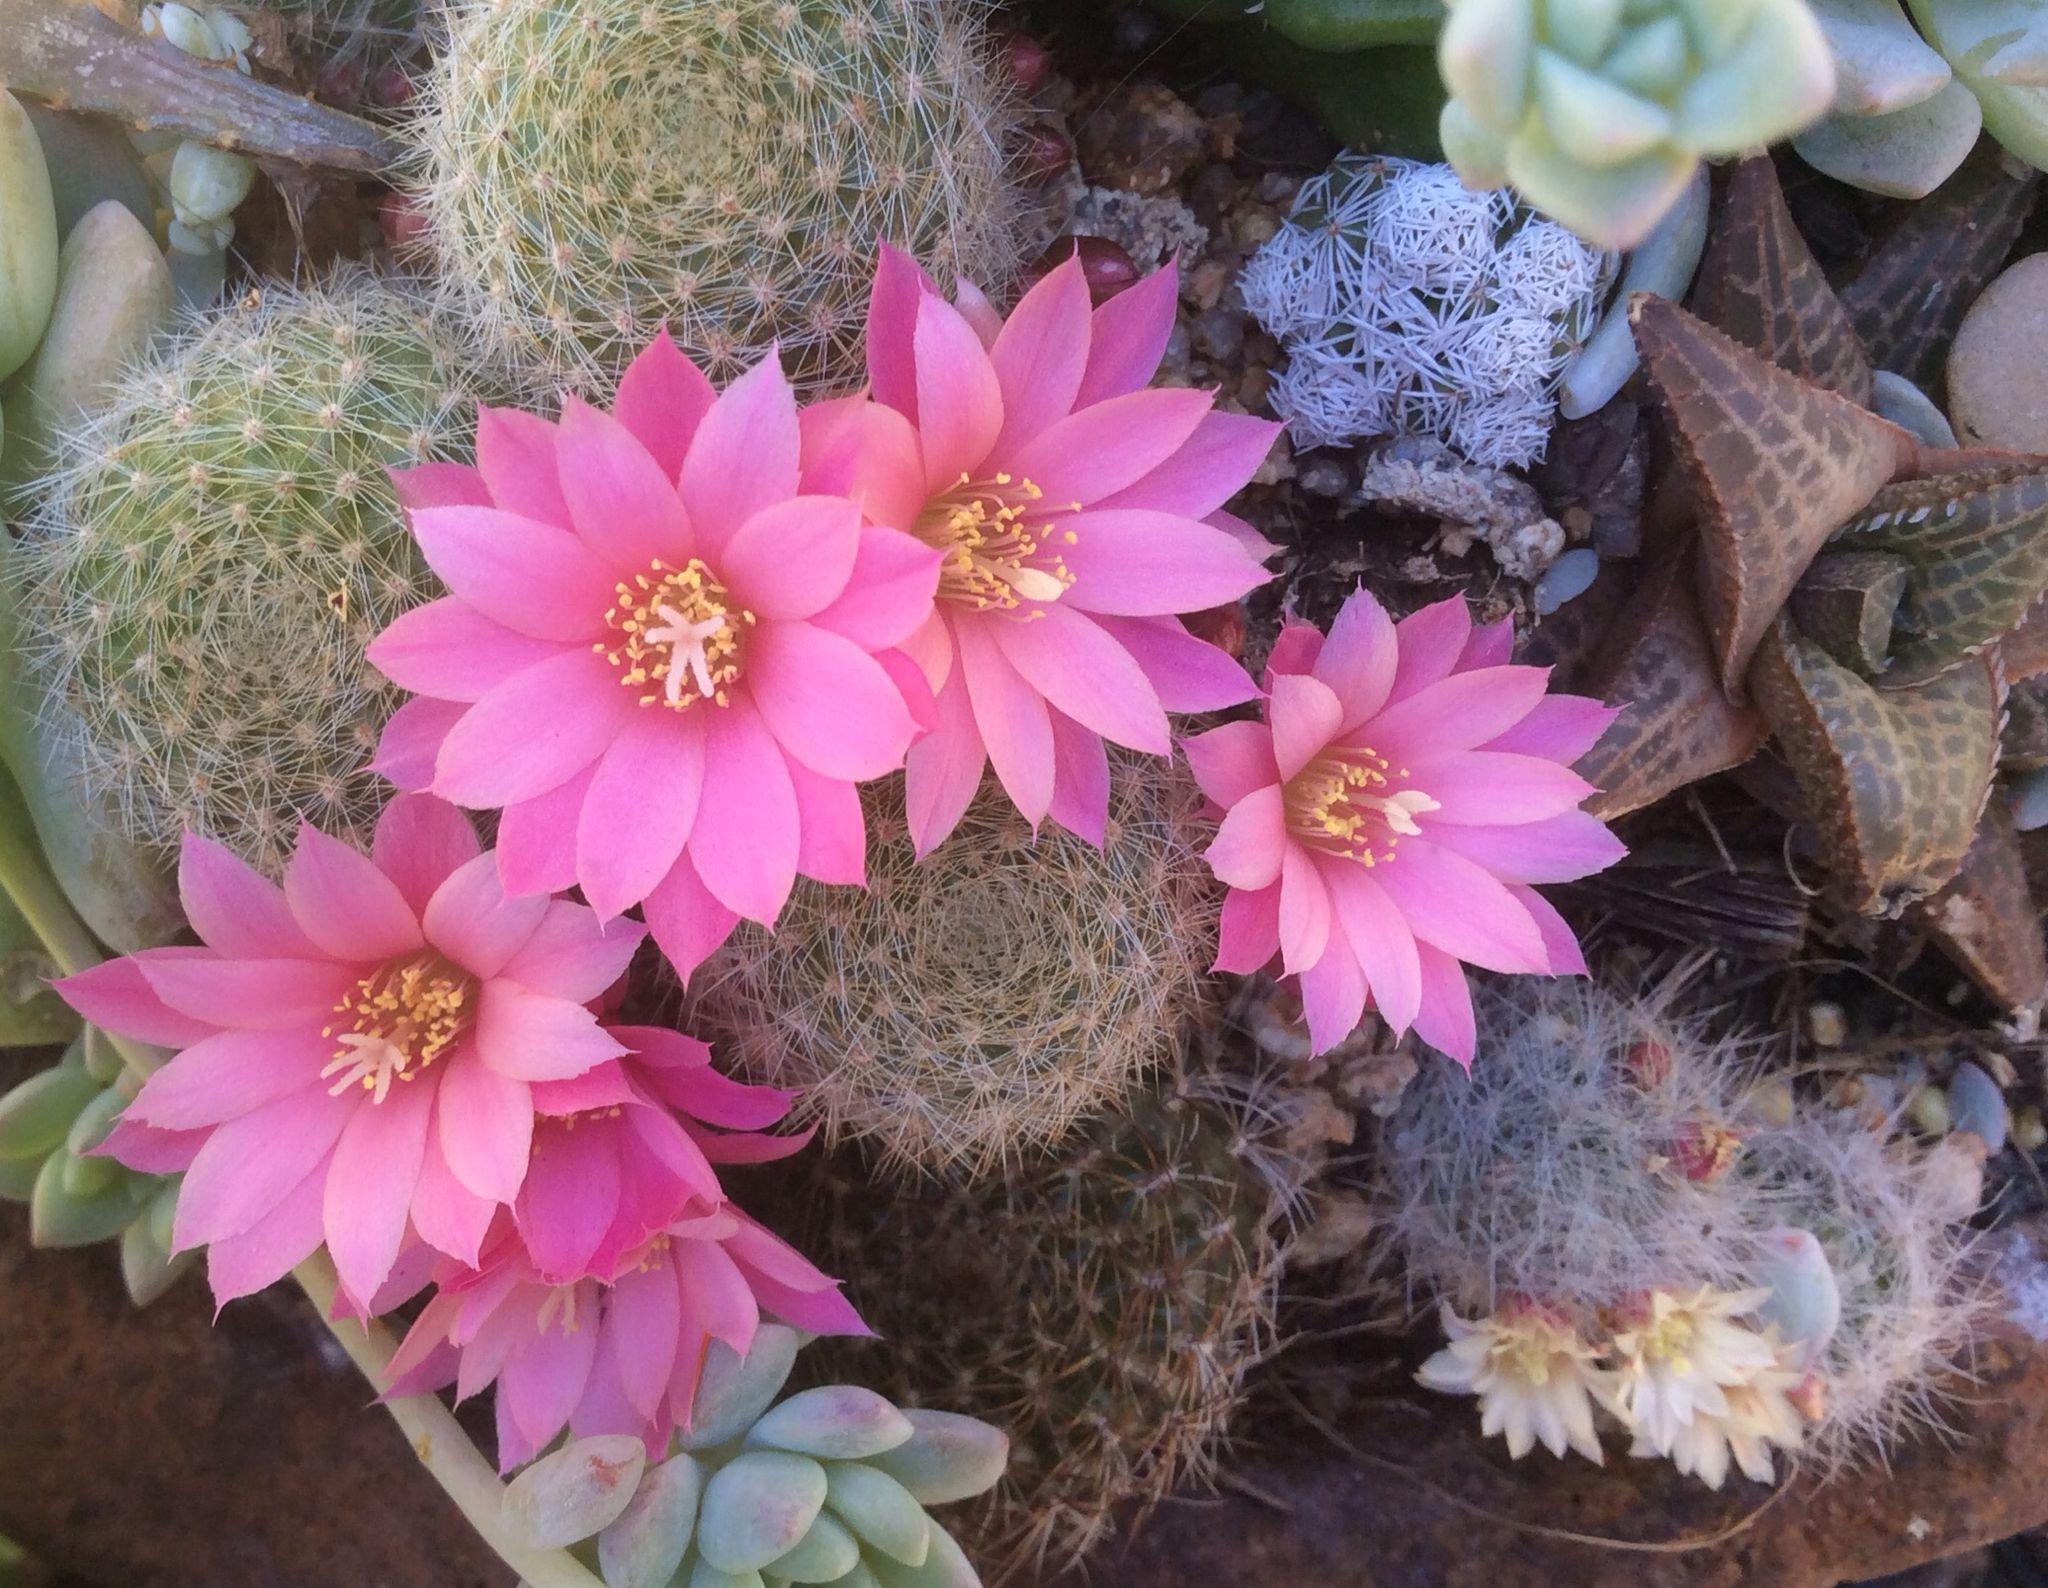 Оригинальные кактусы: популярные виды и их фото с названиями